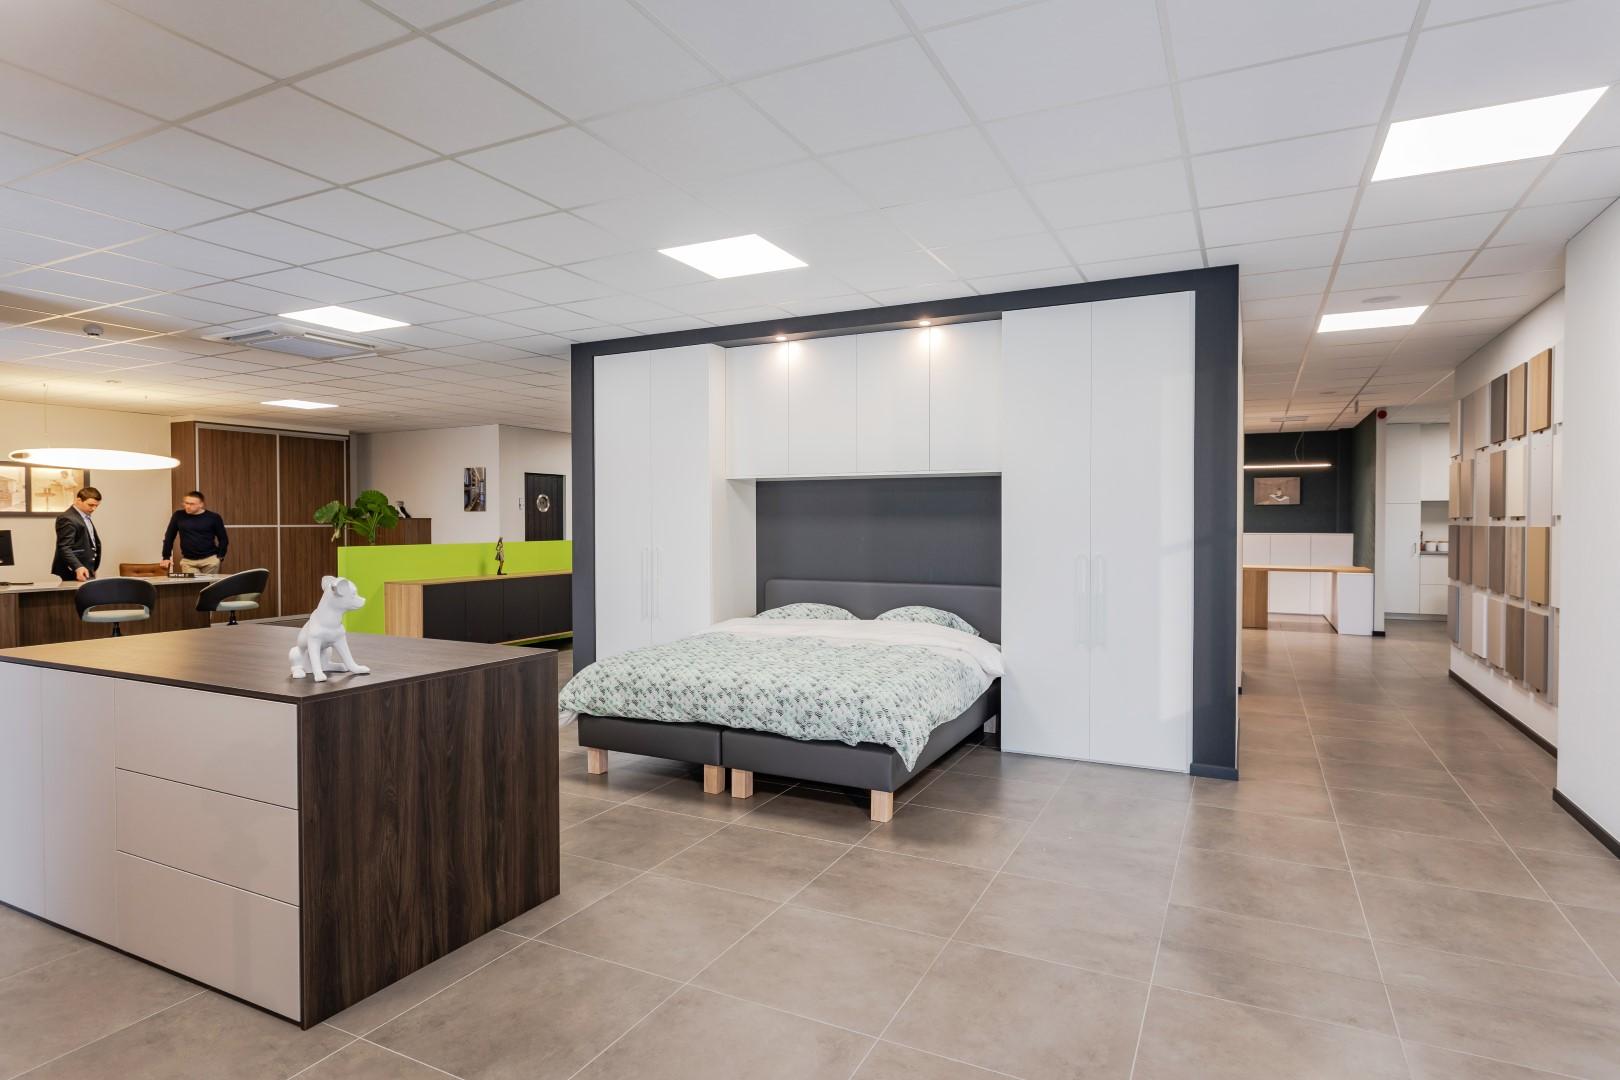 Maatkast rondom het bed gebouwd - showroom Lommel